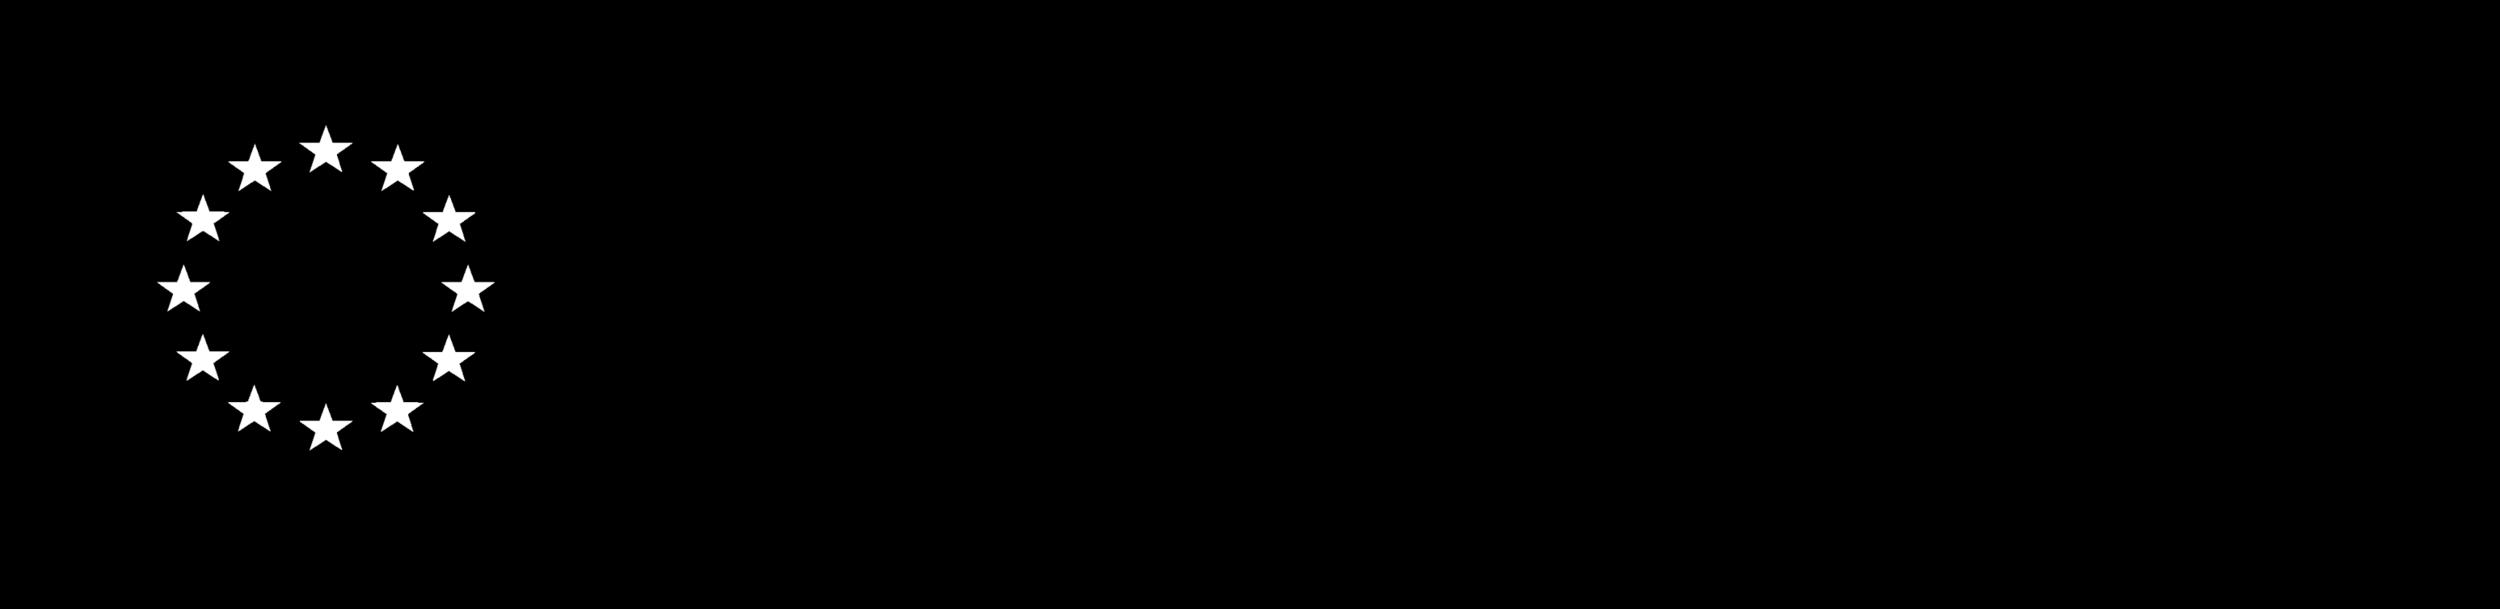 EU BW logo.png